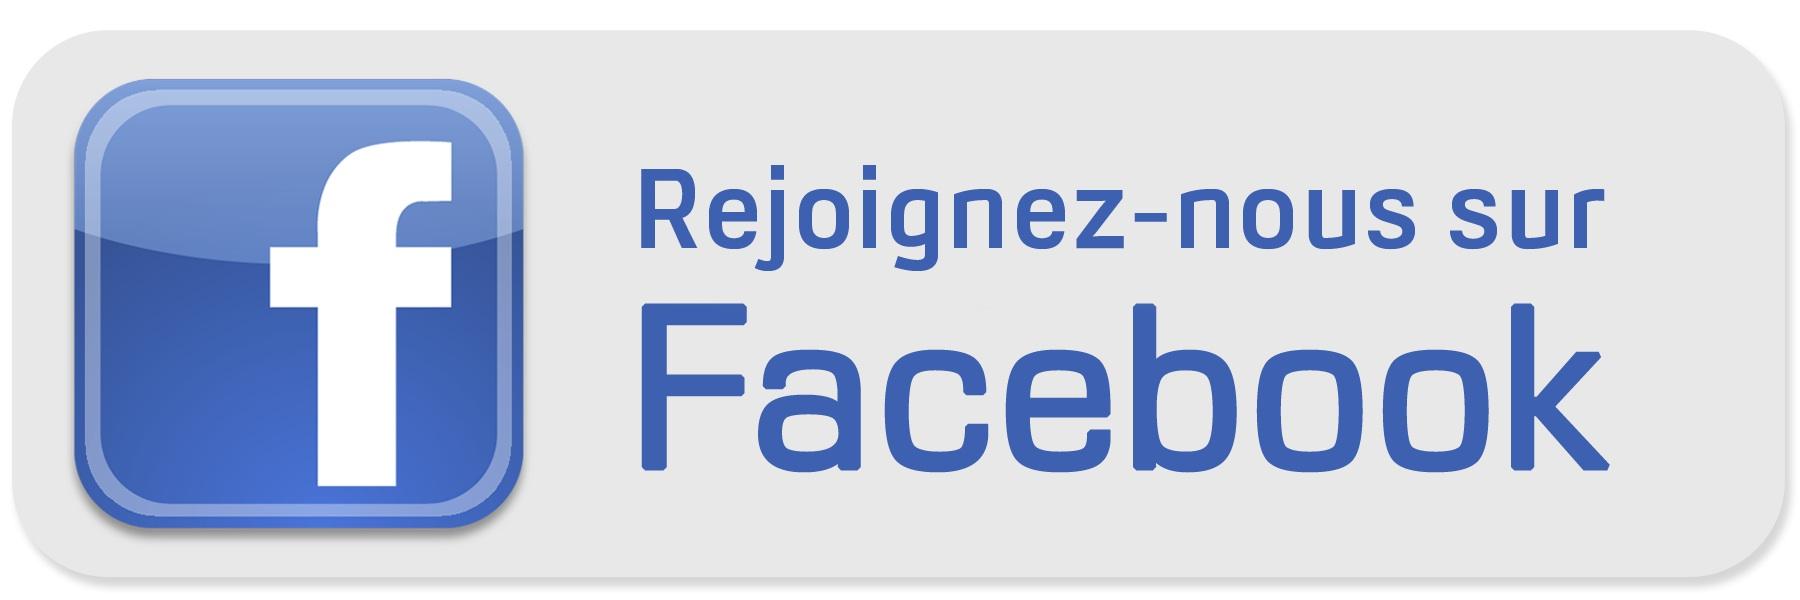 ADR Facebook